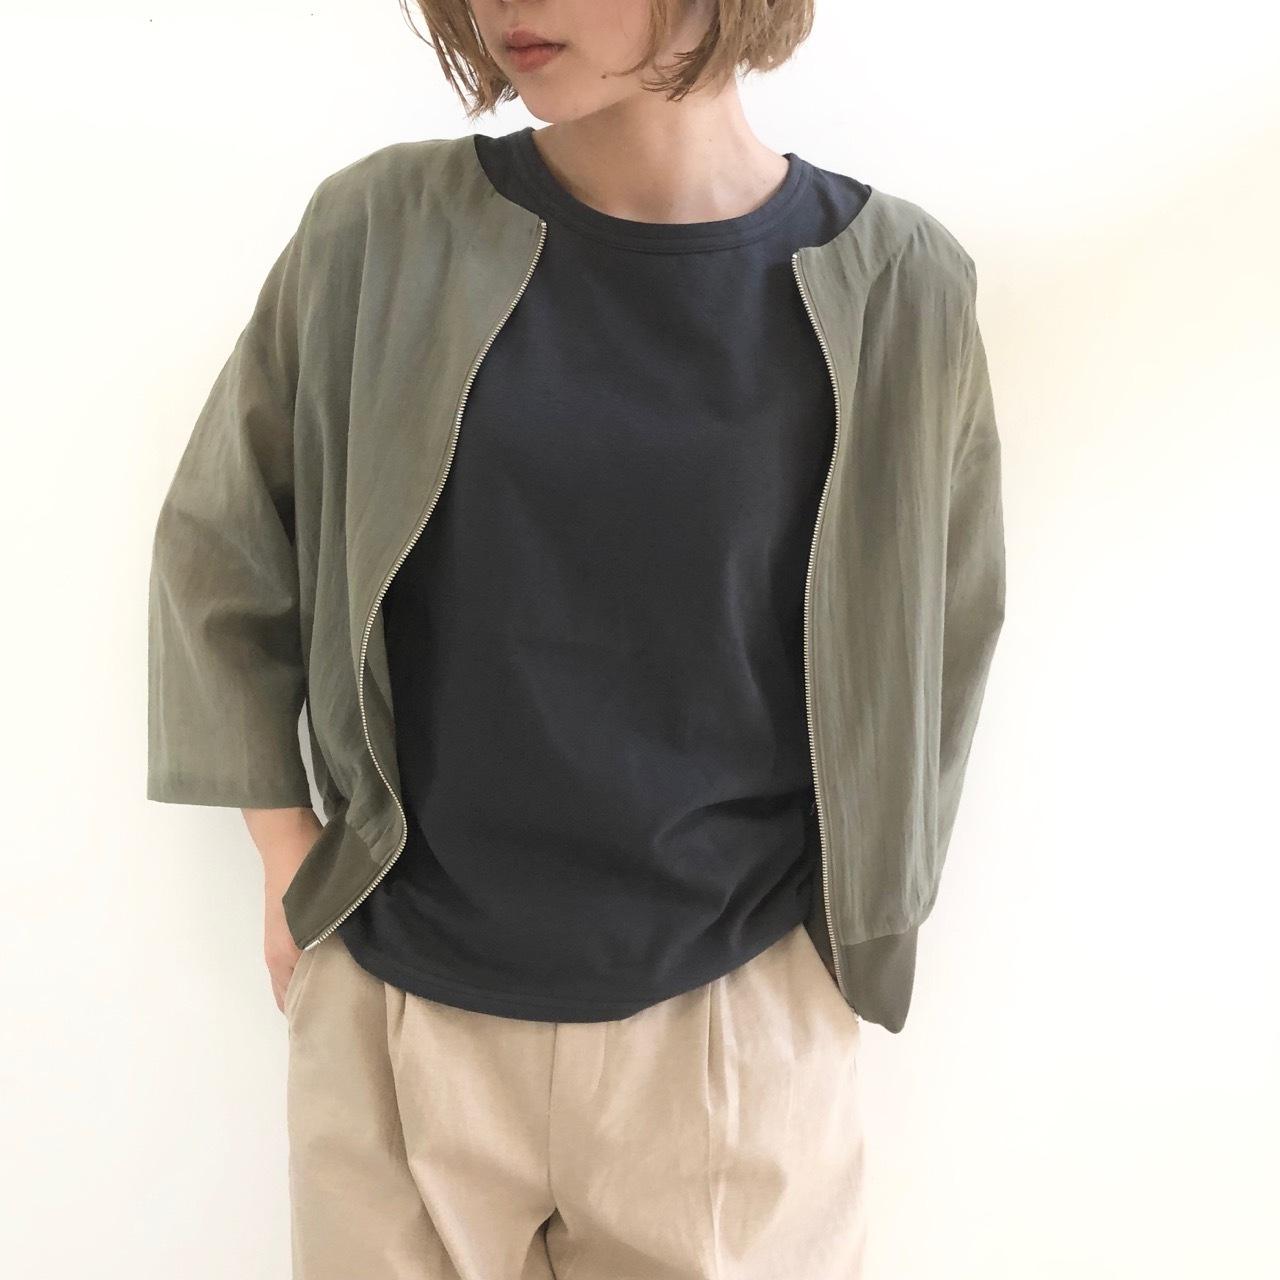 【 QTUME 】- 950-24548 - ノーカラーショートジャケット